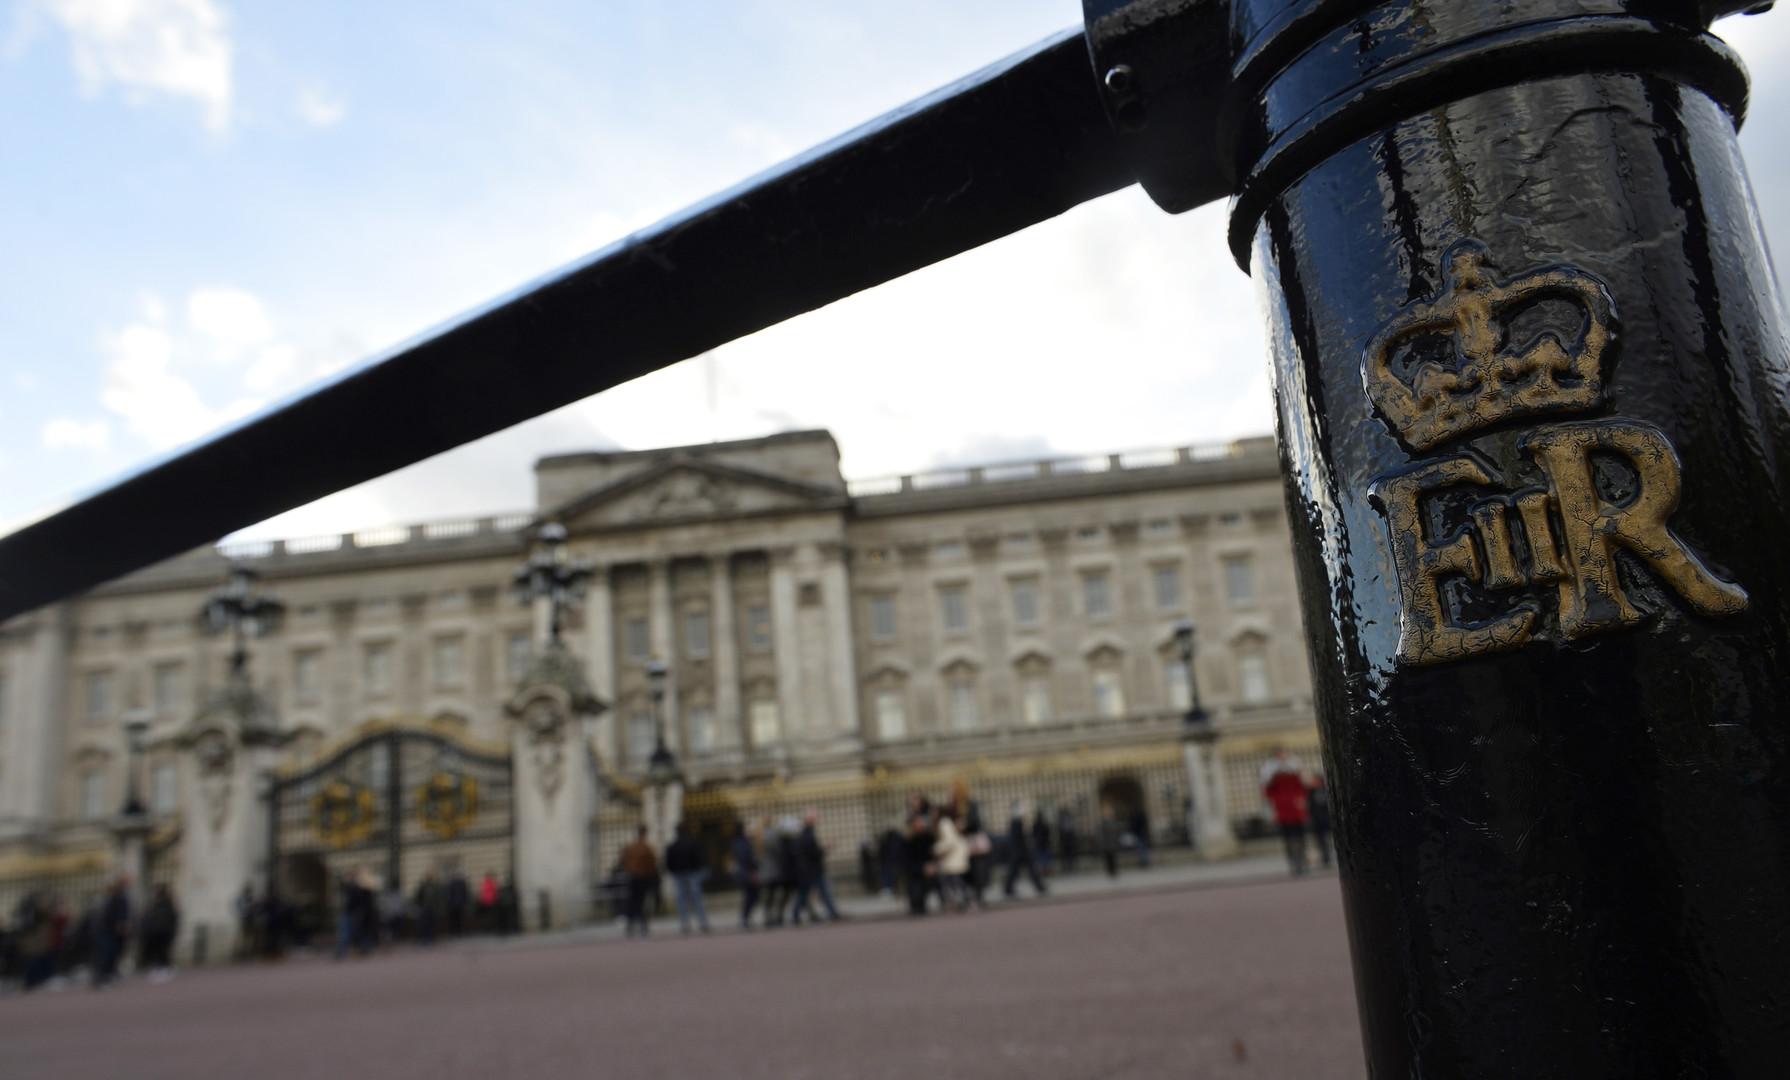 أمير بريطاني يصدر بيانا على خلفية اتهامه في قضية إبشتاين